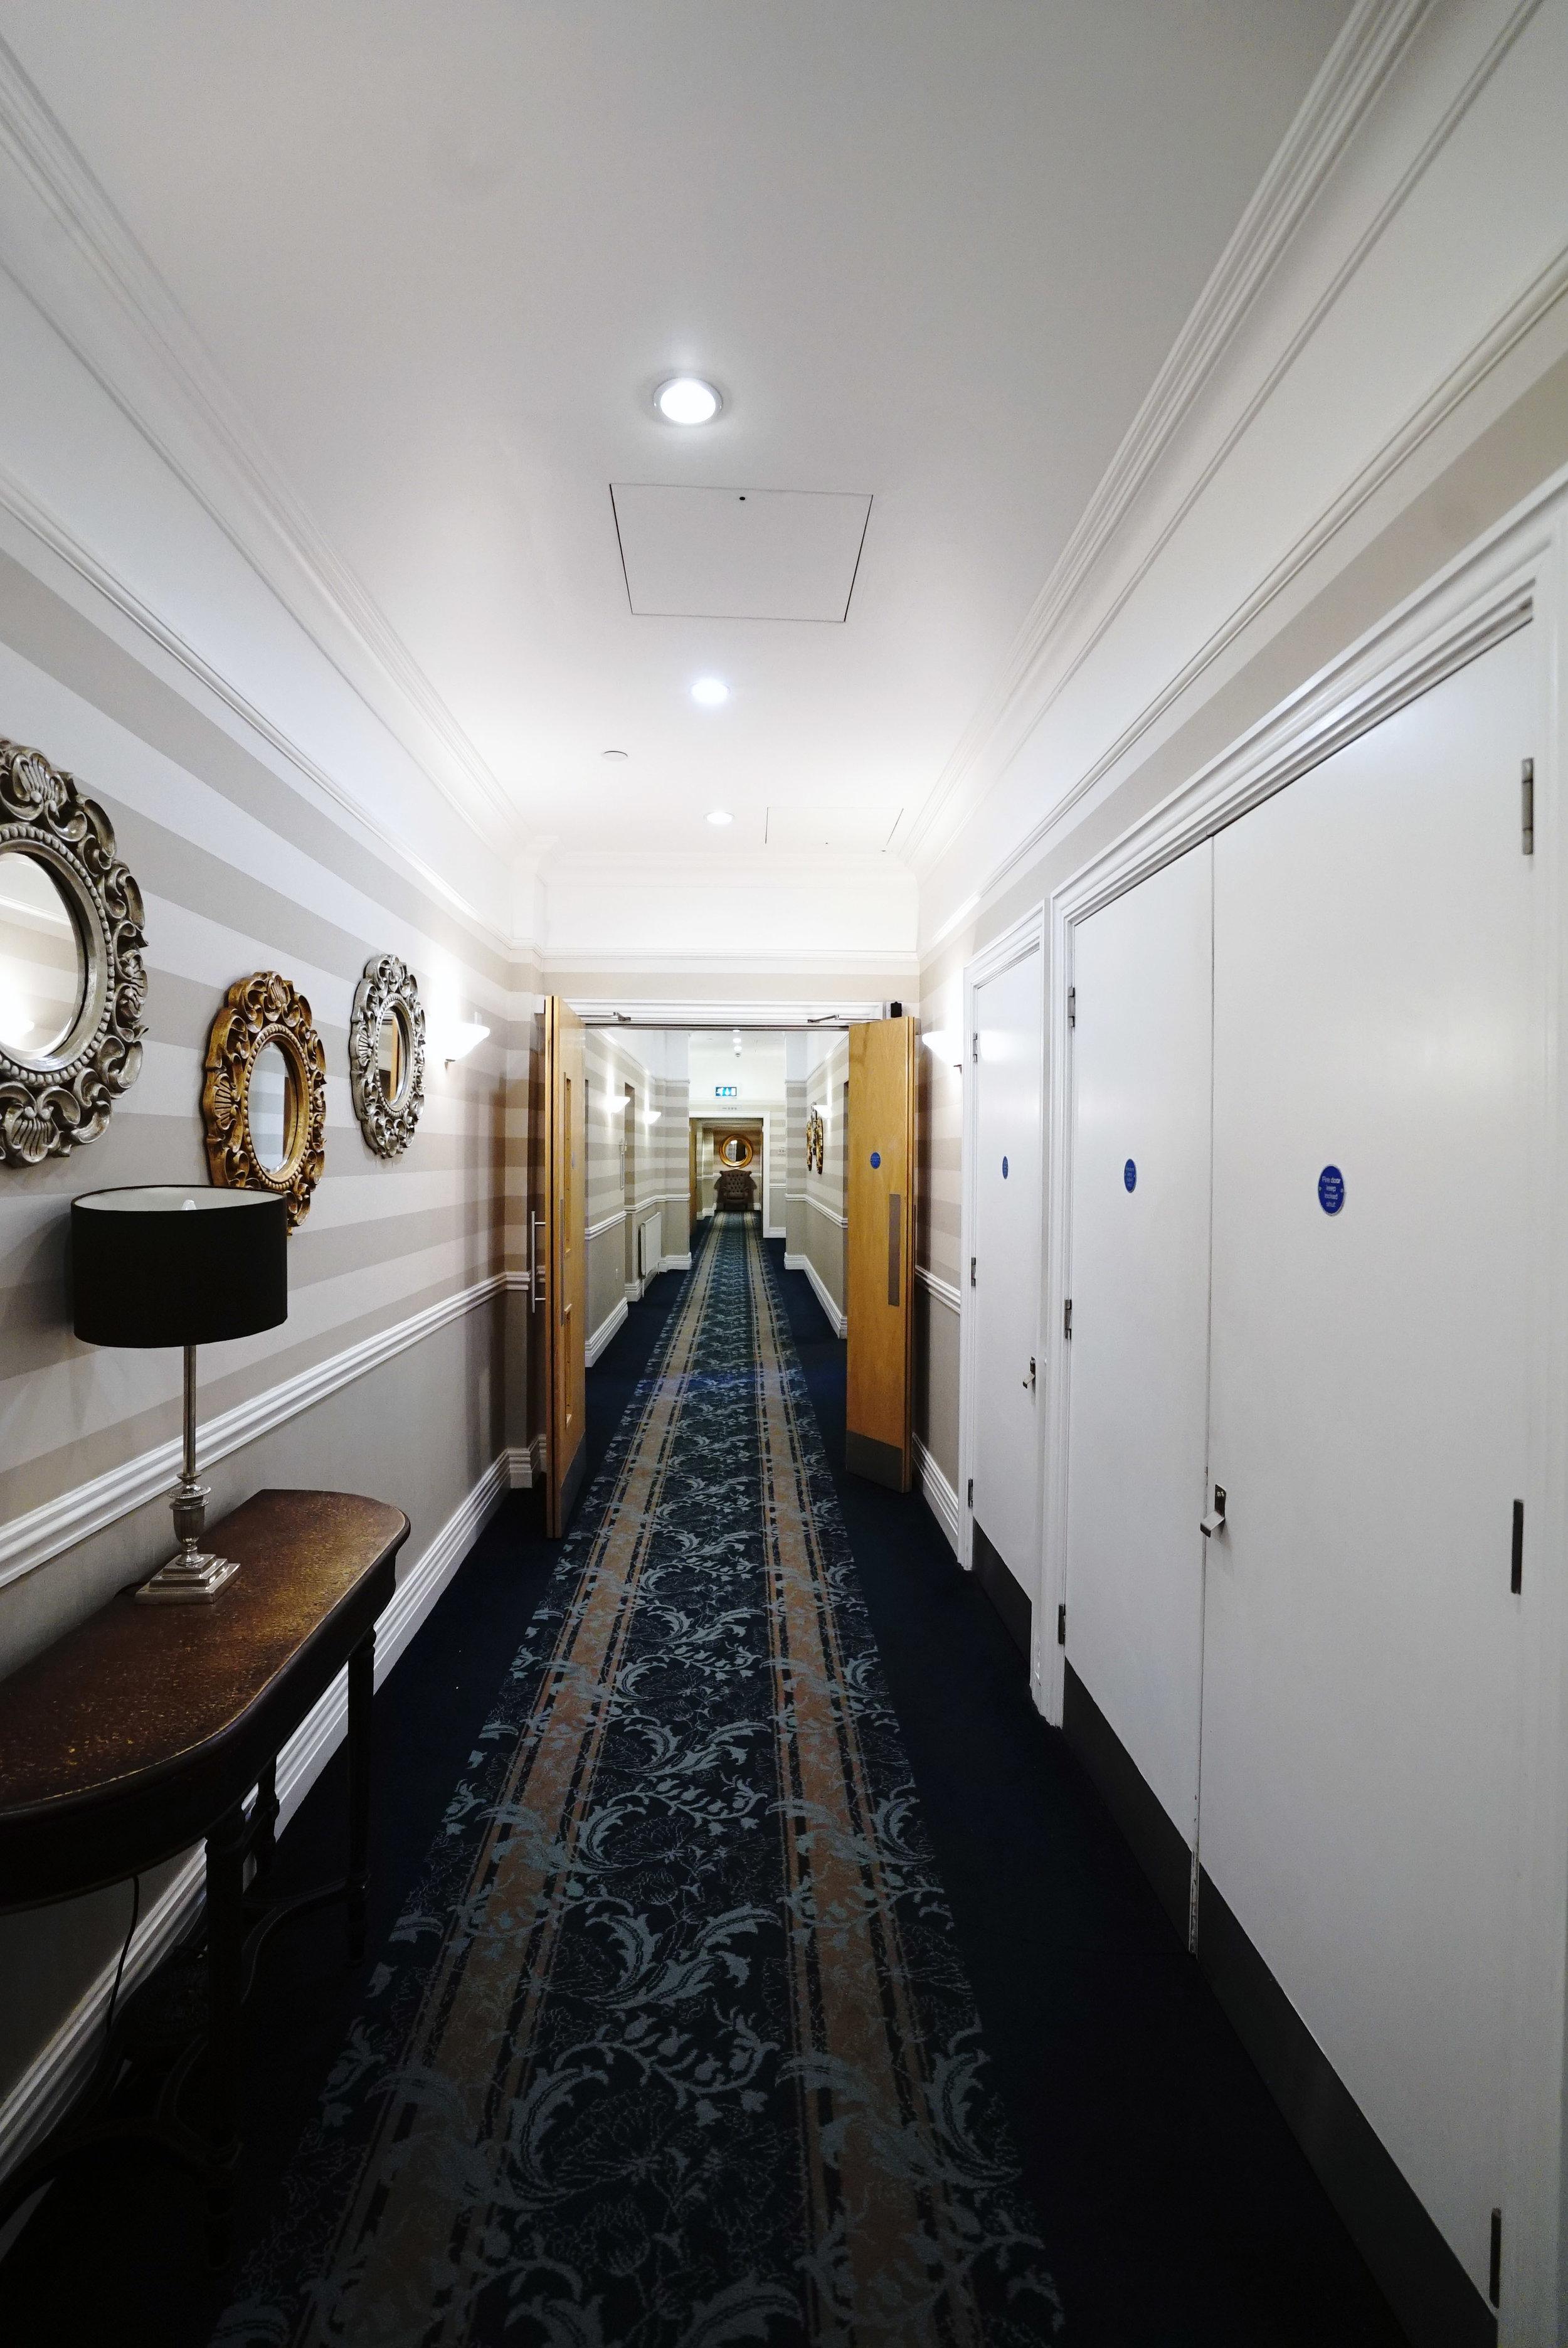 Mercure Darlington Hallways.jpg